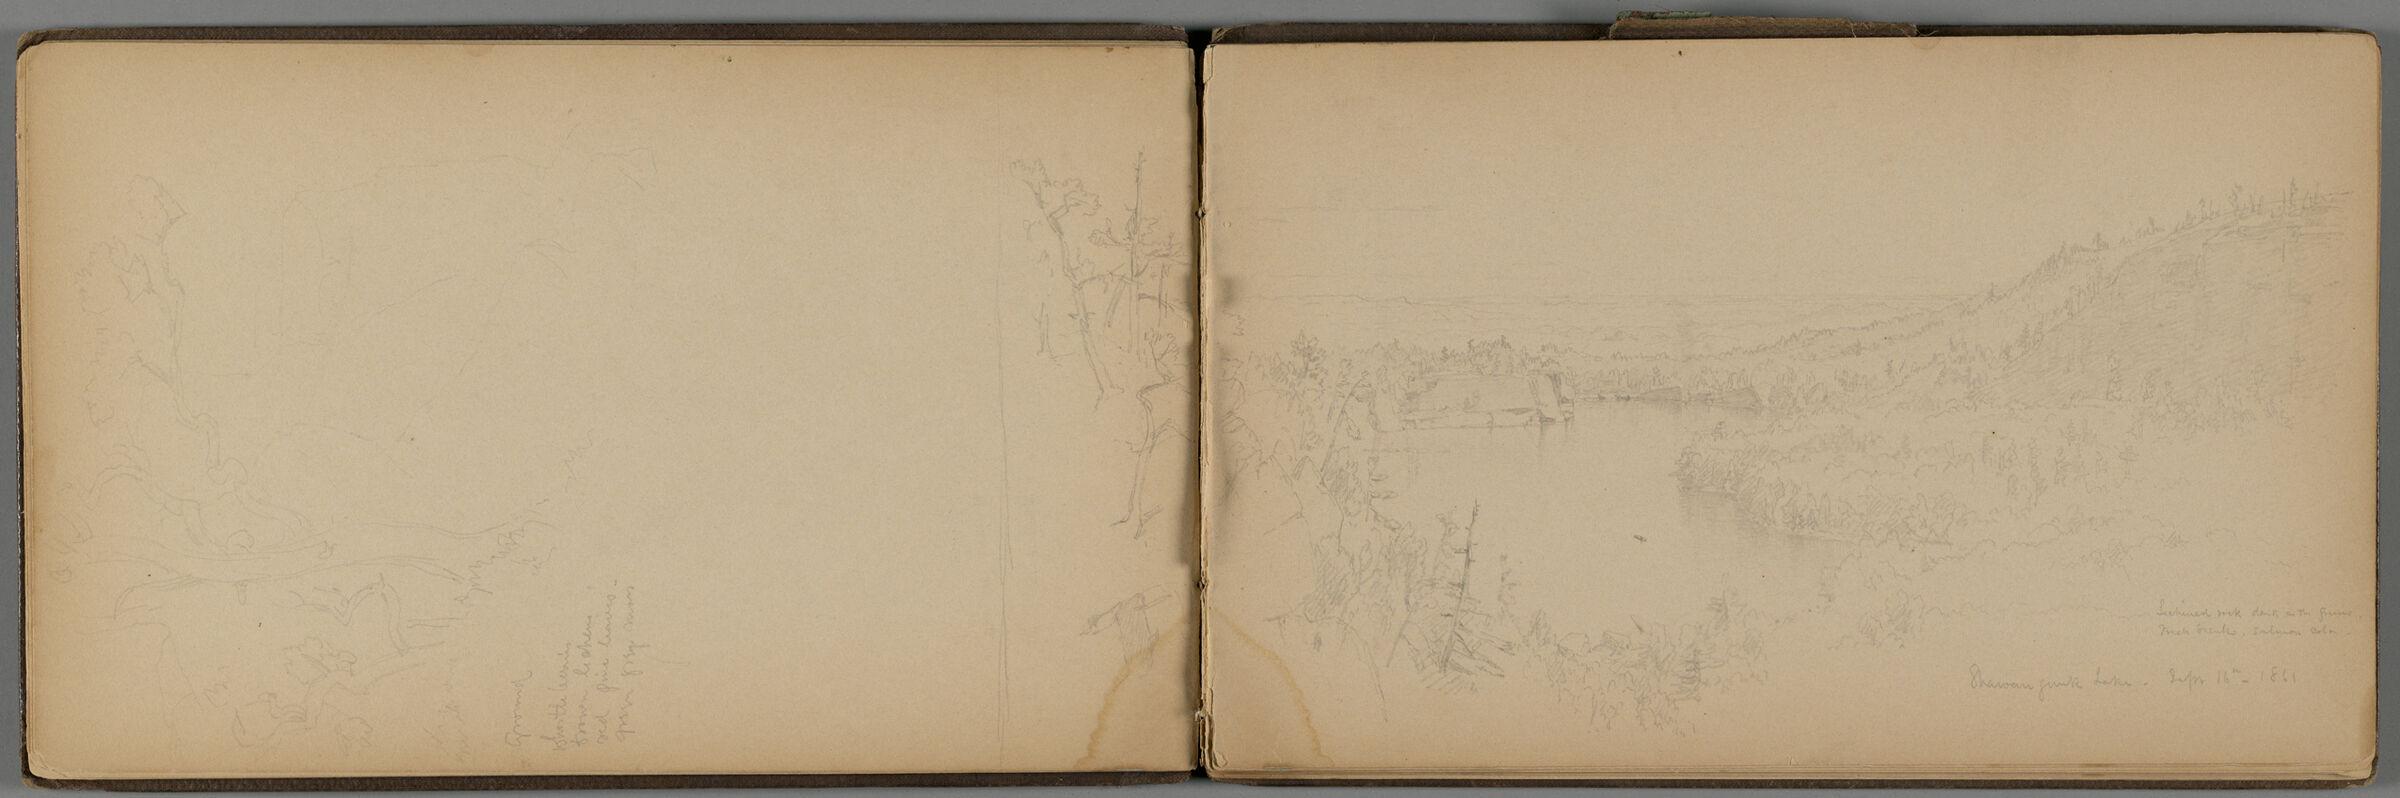 Shawangunk Lake, New York (Recto And Verso)